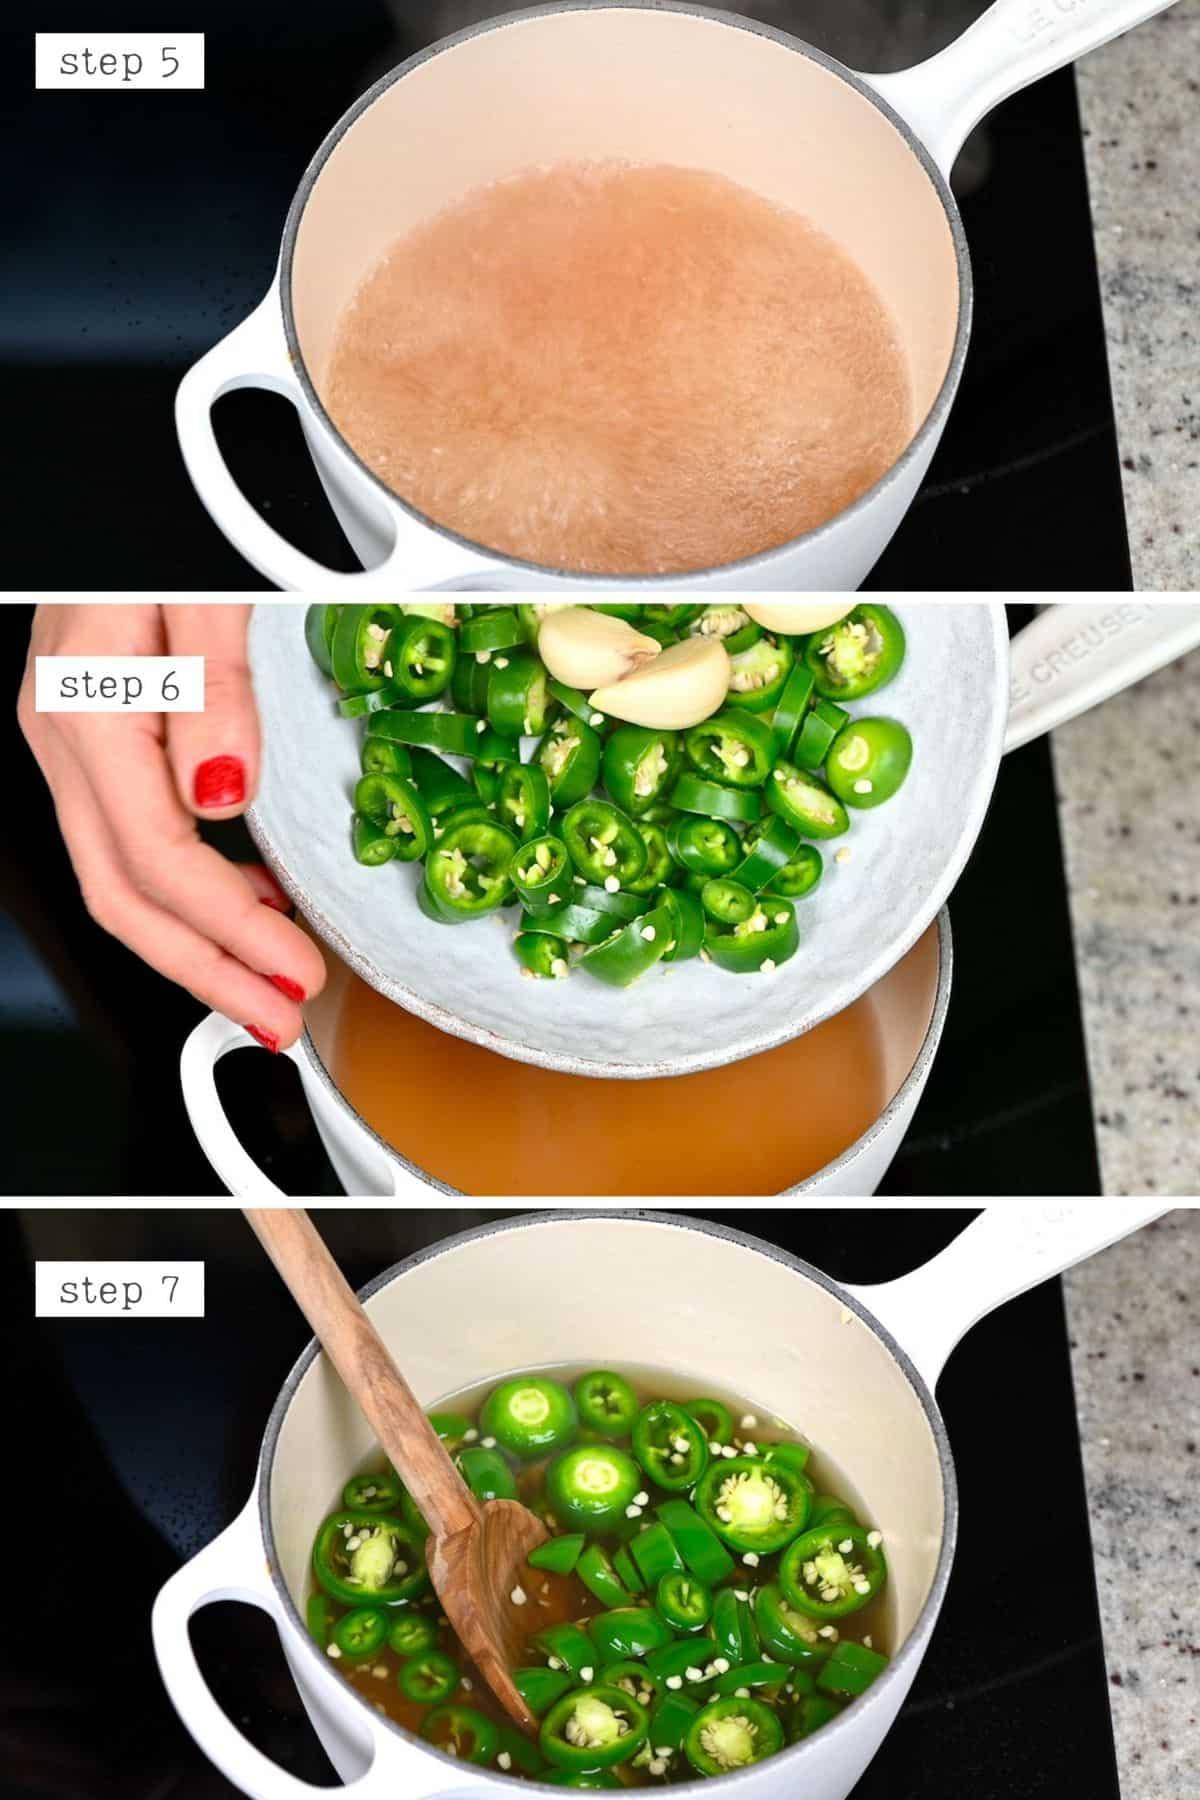 Steps for making pickled jalapeños